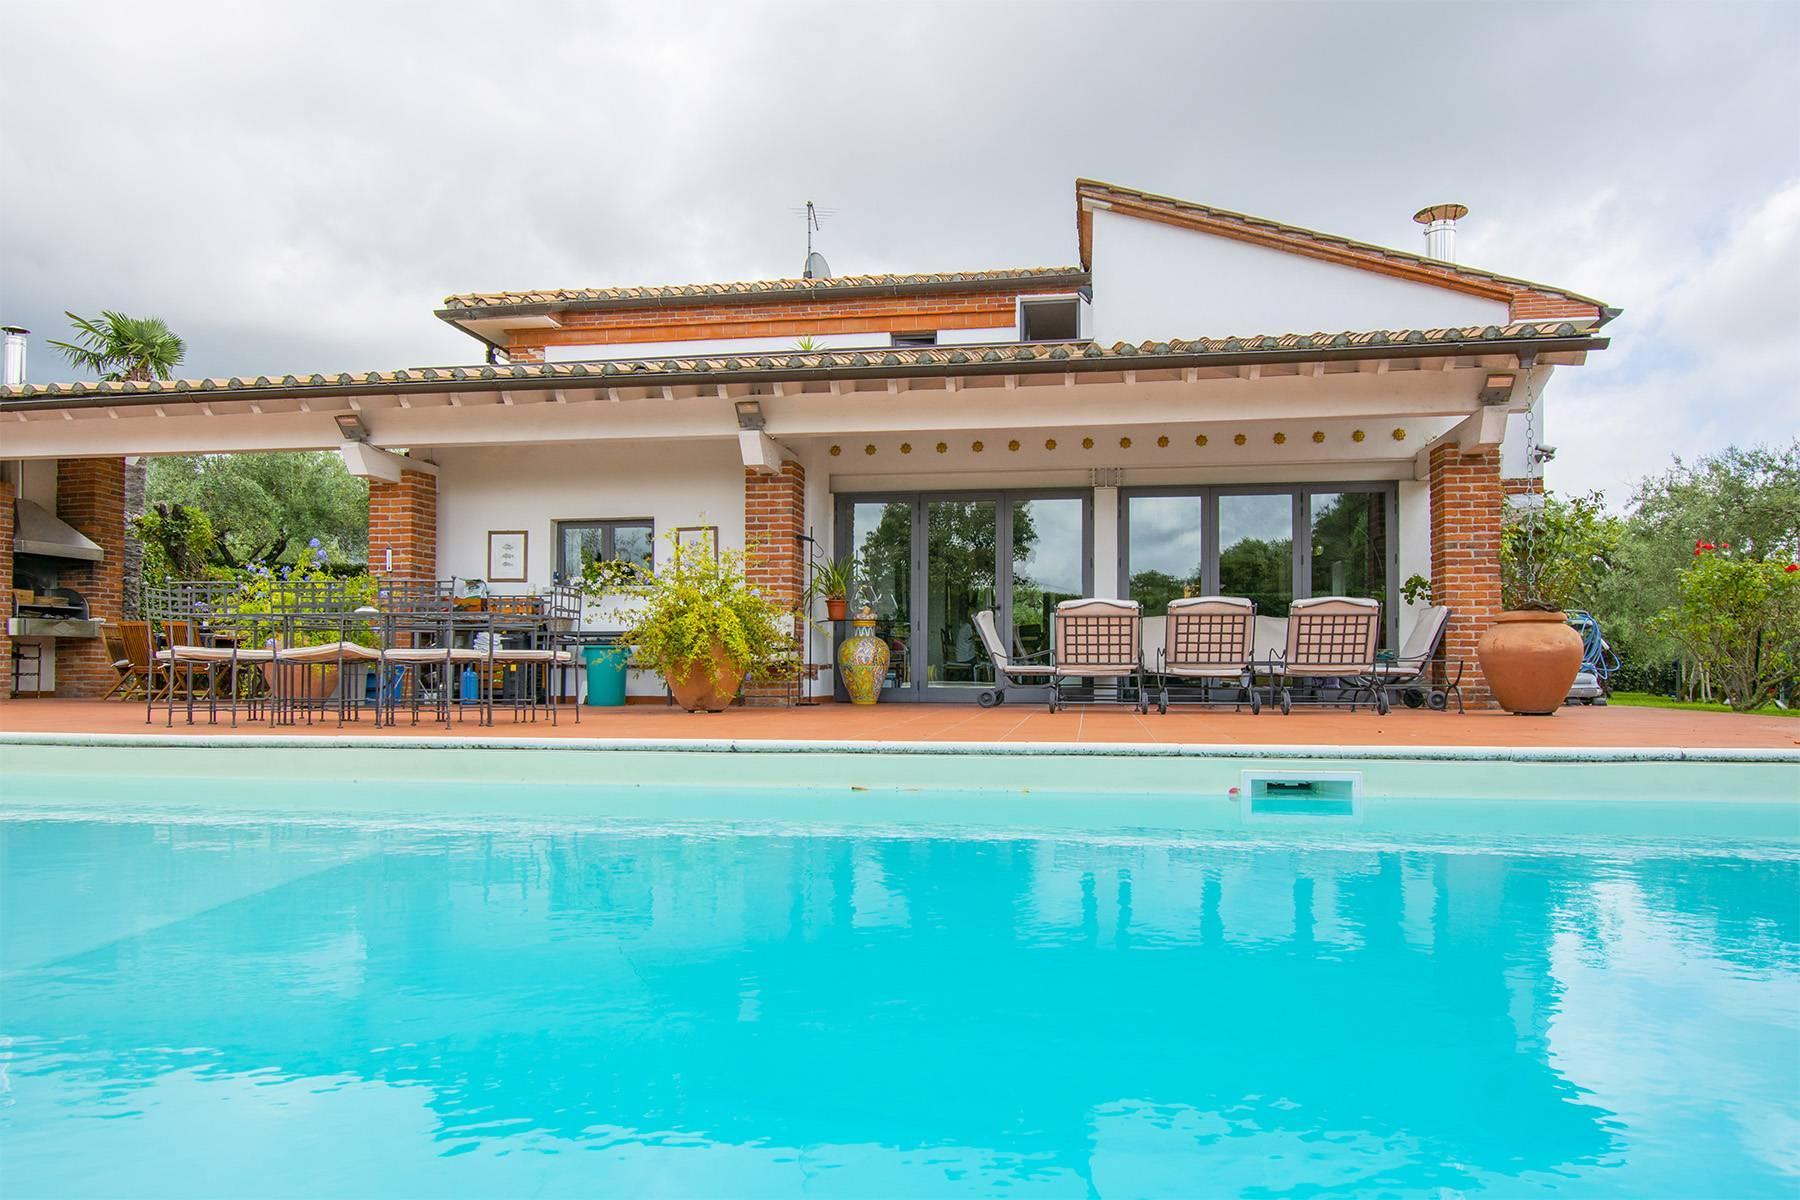 Casa indipendente in Vendita a Pietrasanta: 5 locali, 280 mq - Foto 2